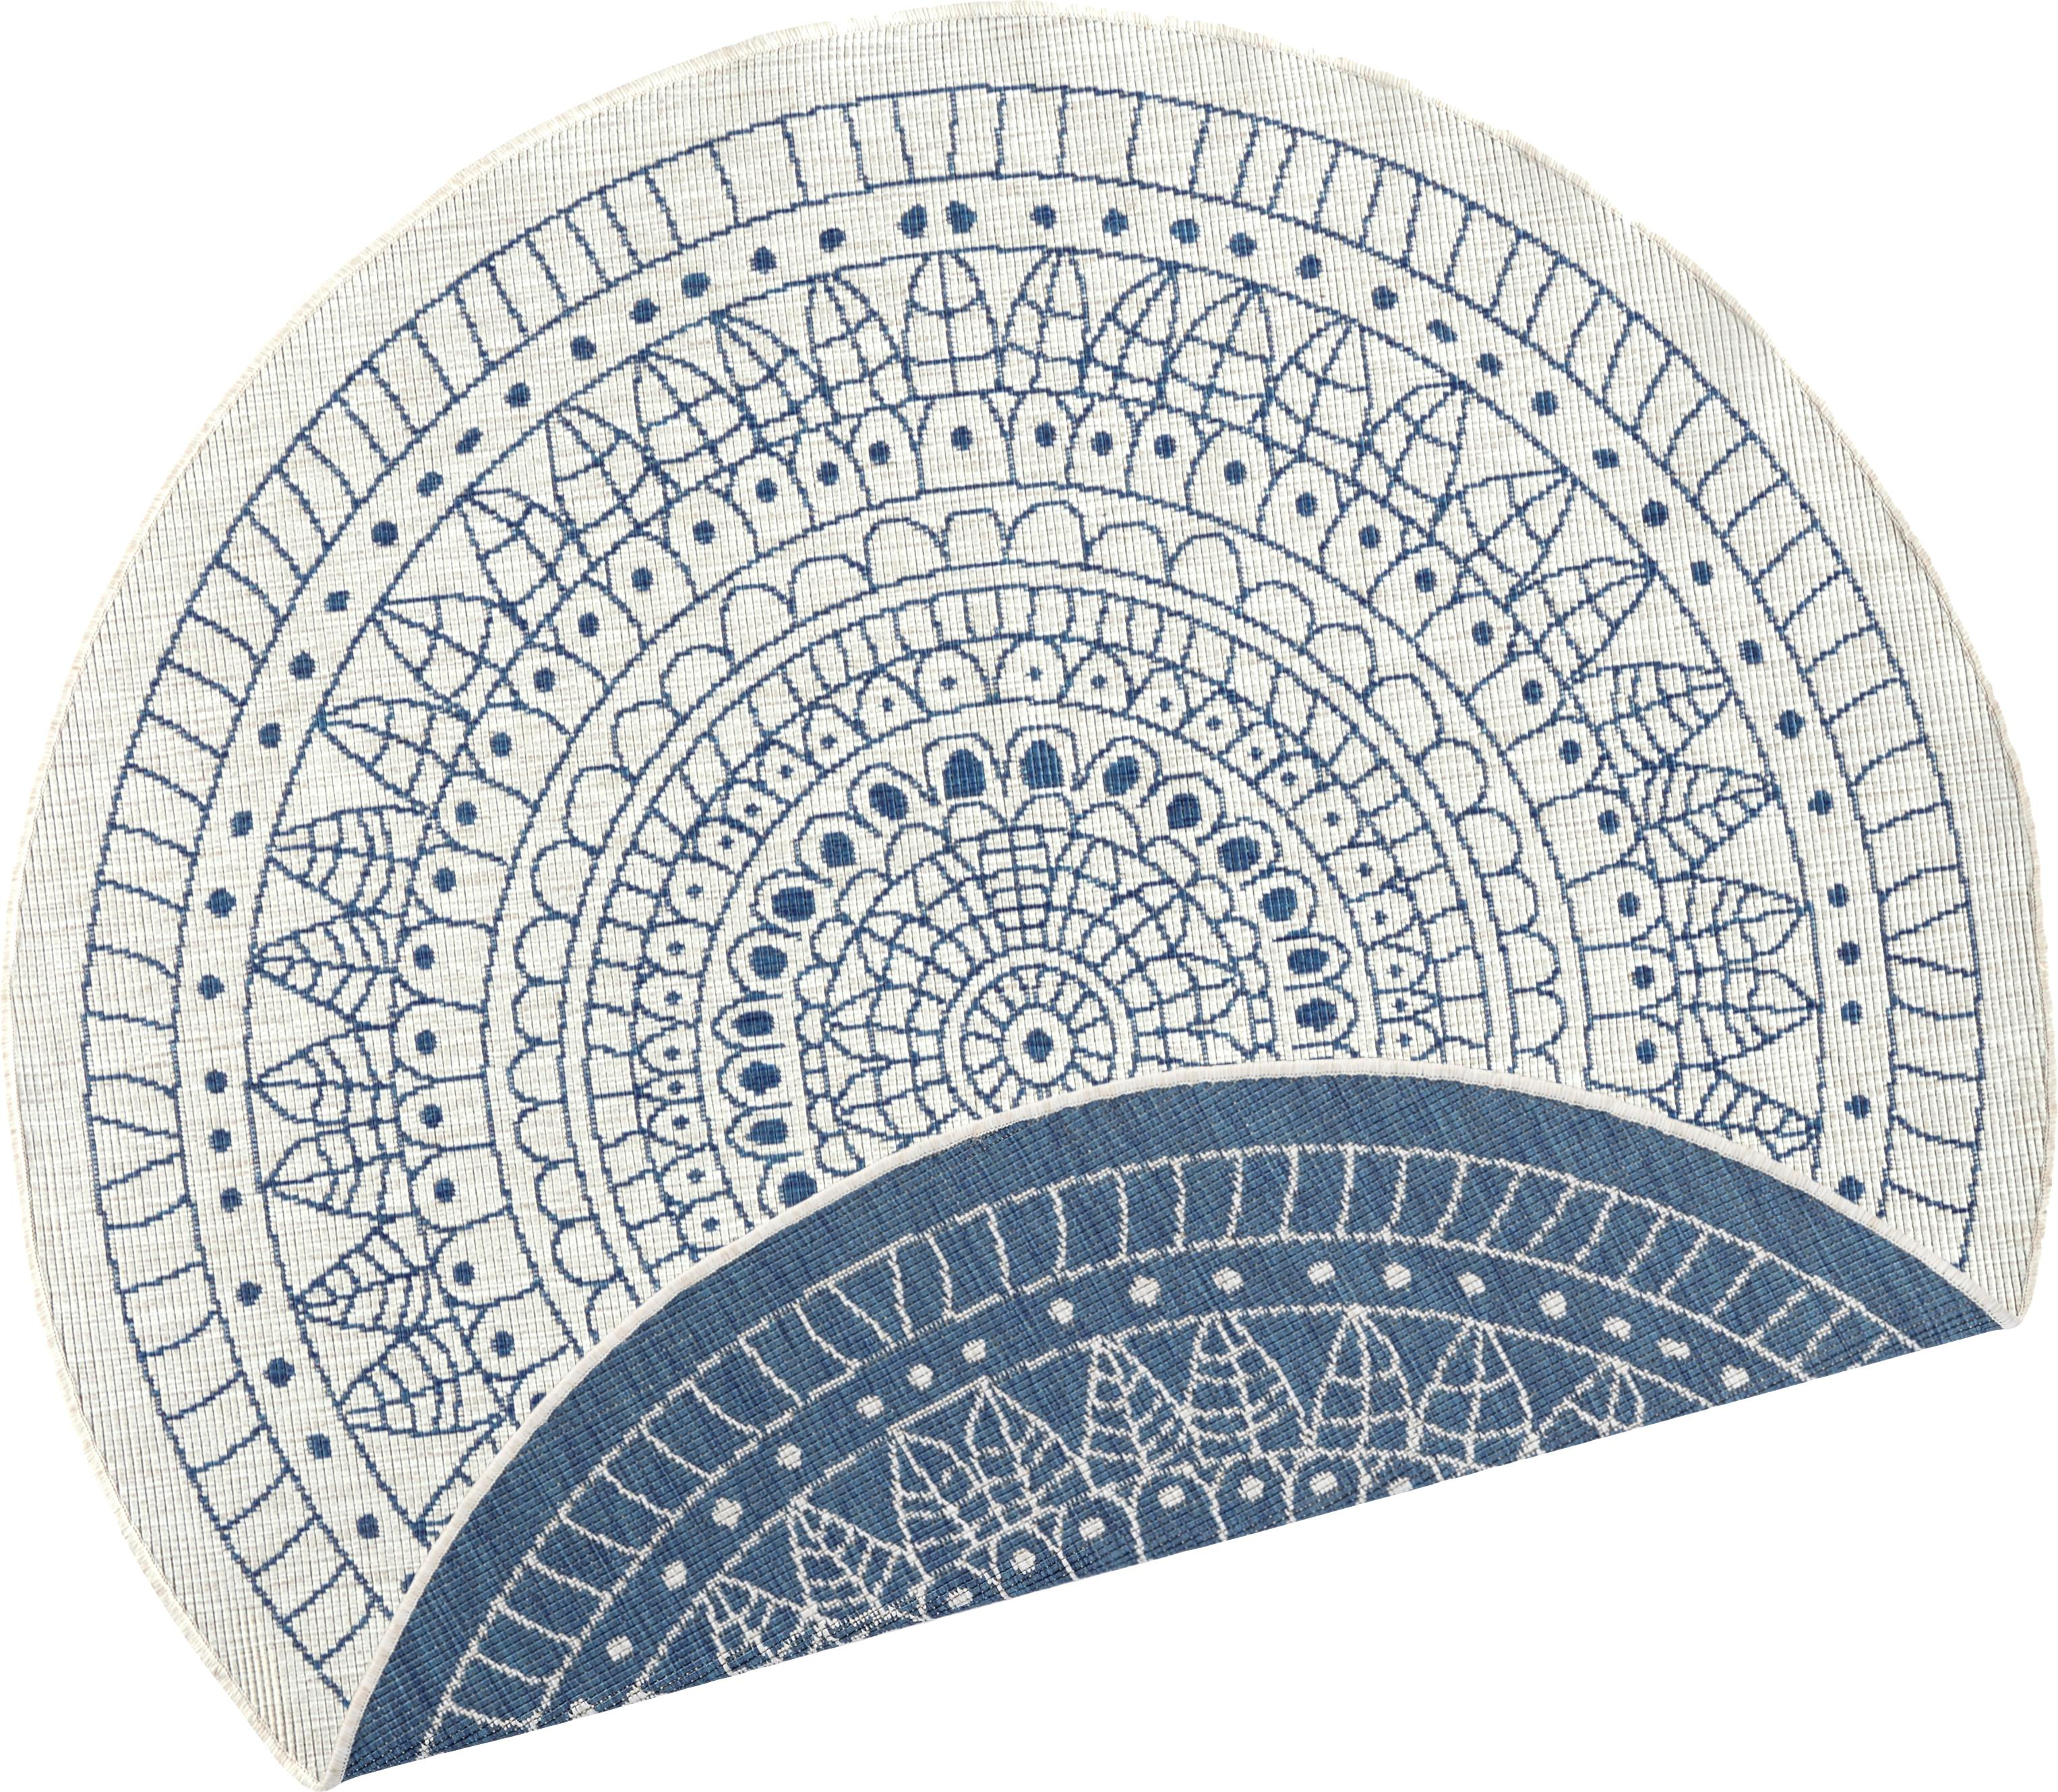 Okrągły dwustronny dywan wewnętrzny/zewnętrzny Porto, Niebieski, odcienie kremowego, Ø 140 cm (Rozmiar M)